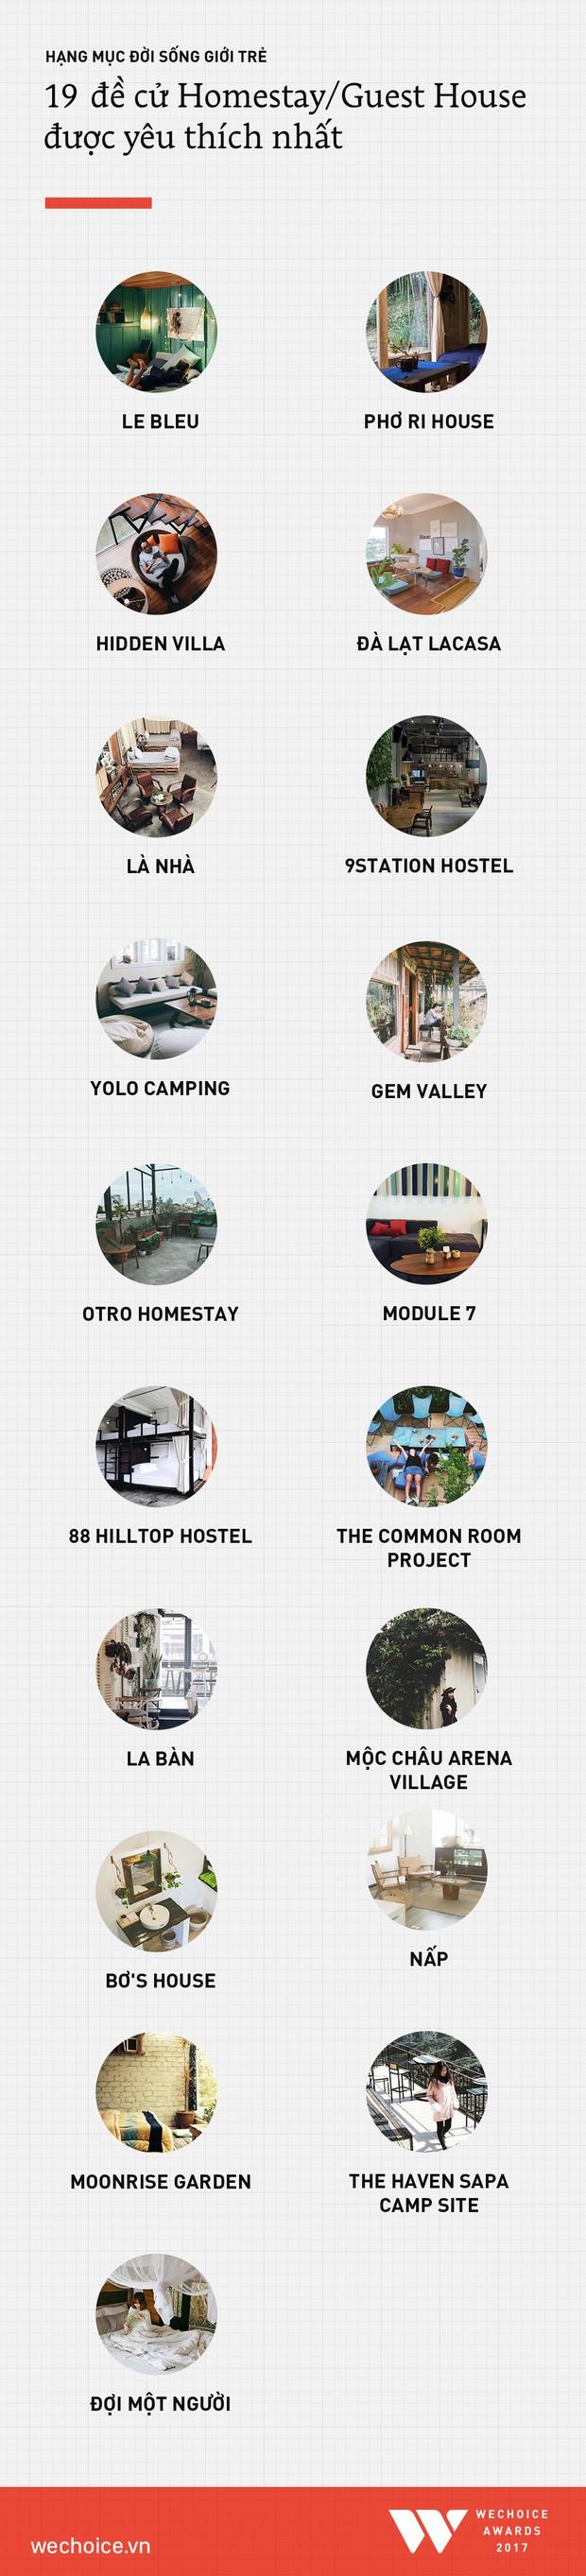 WeChoice Awards 2017: Công bố danh sách đề cử các hạng mục Đời sống giới trẻ và Du lịch - Ảnh 7.